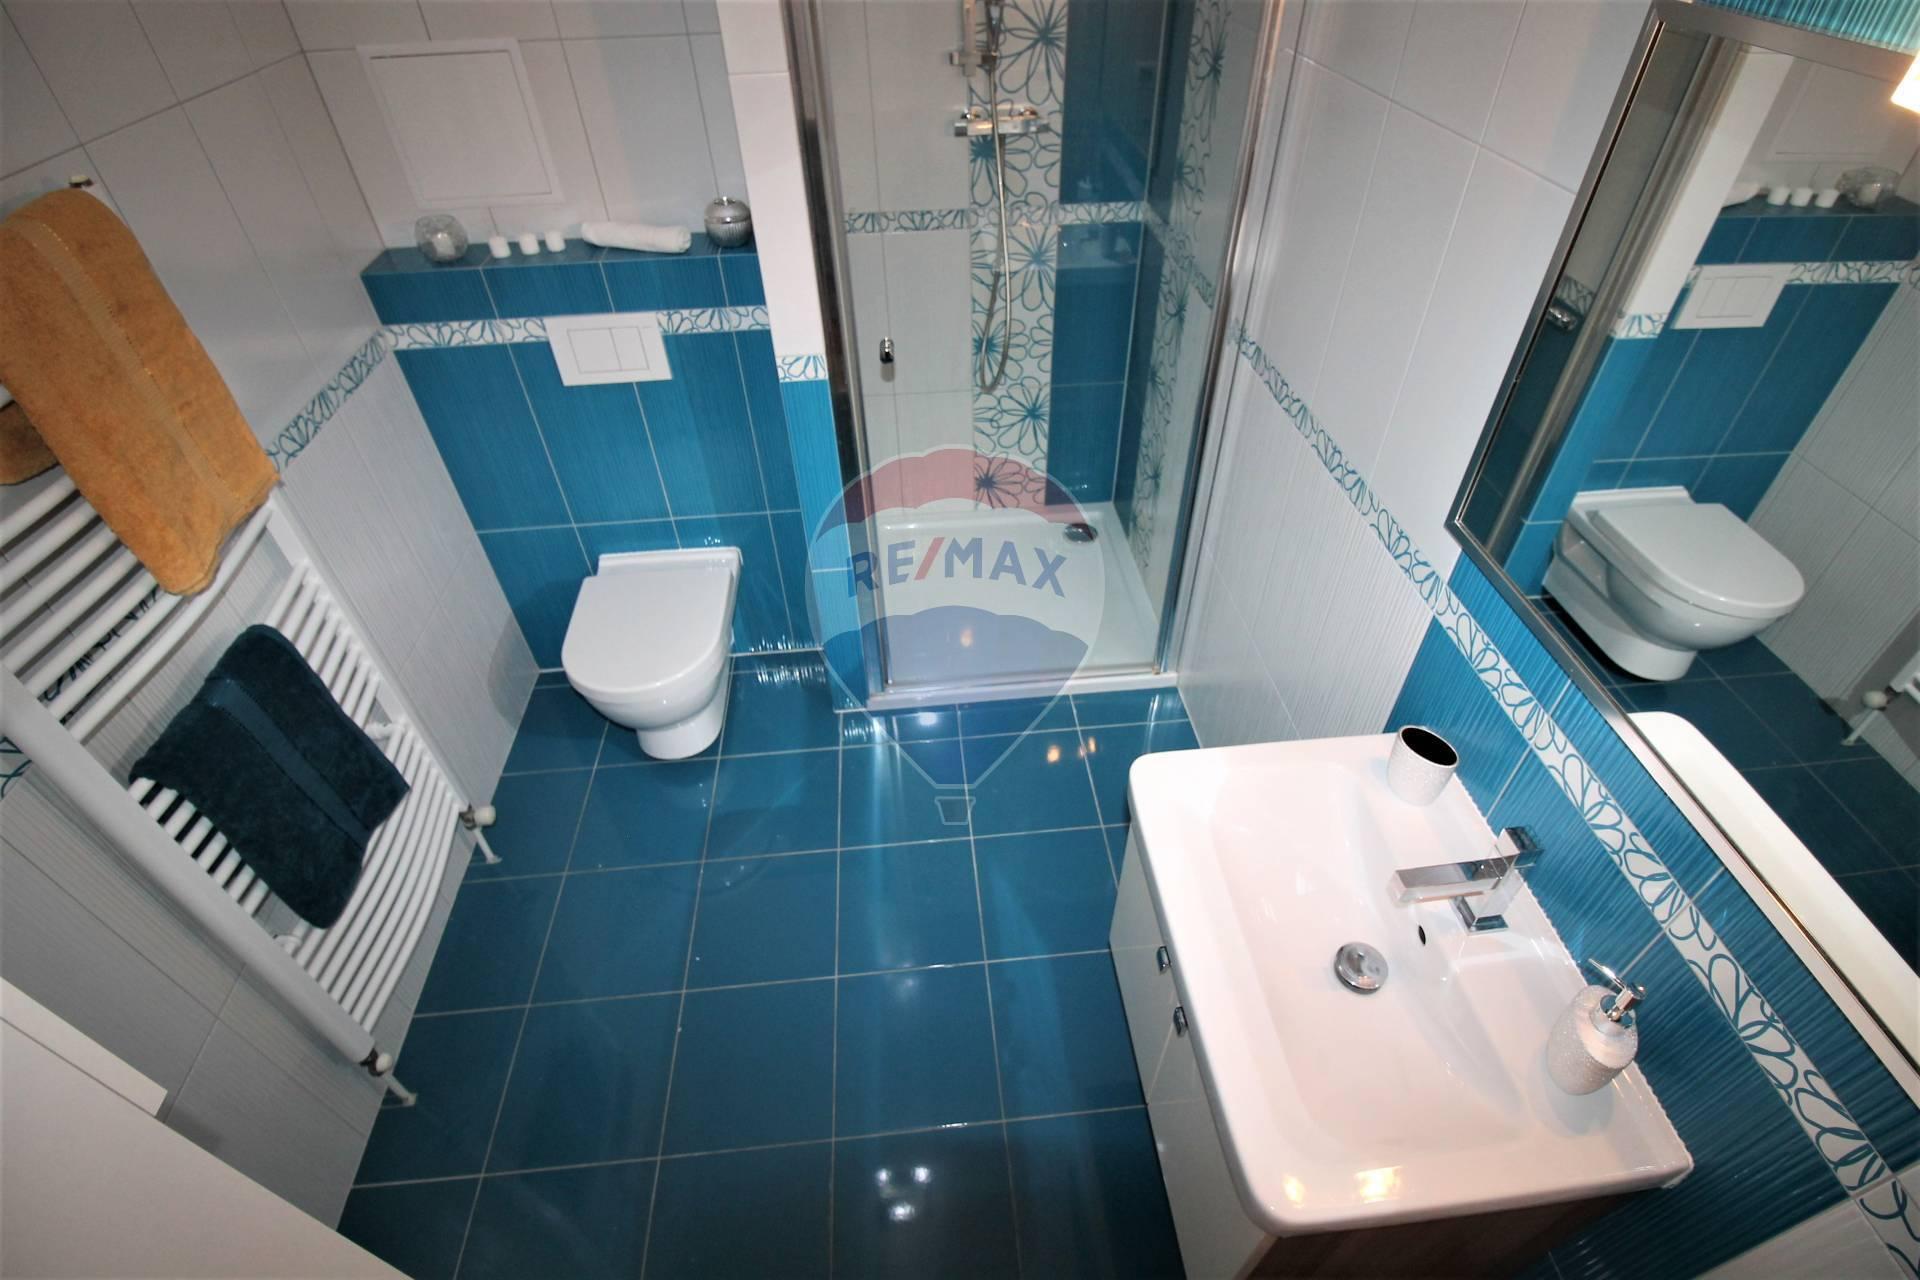 Predaj bytu (1 izbový) 53 m2, Senec -